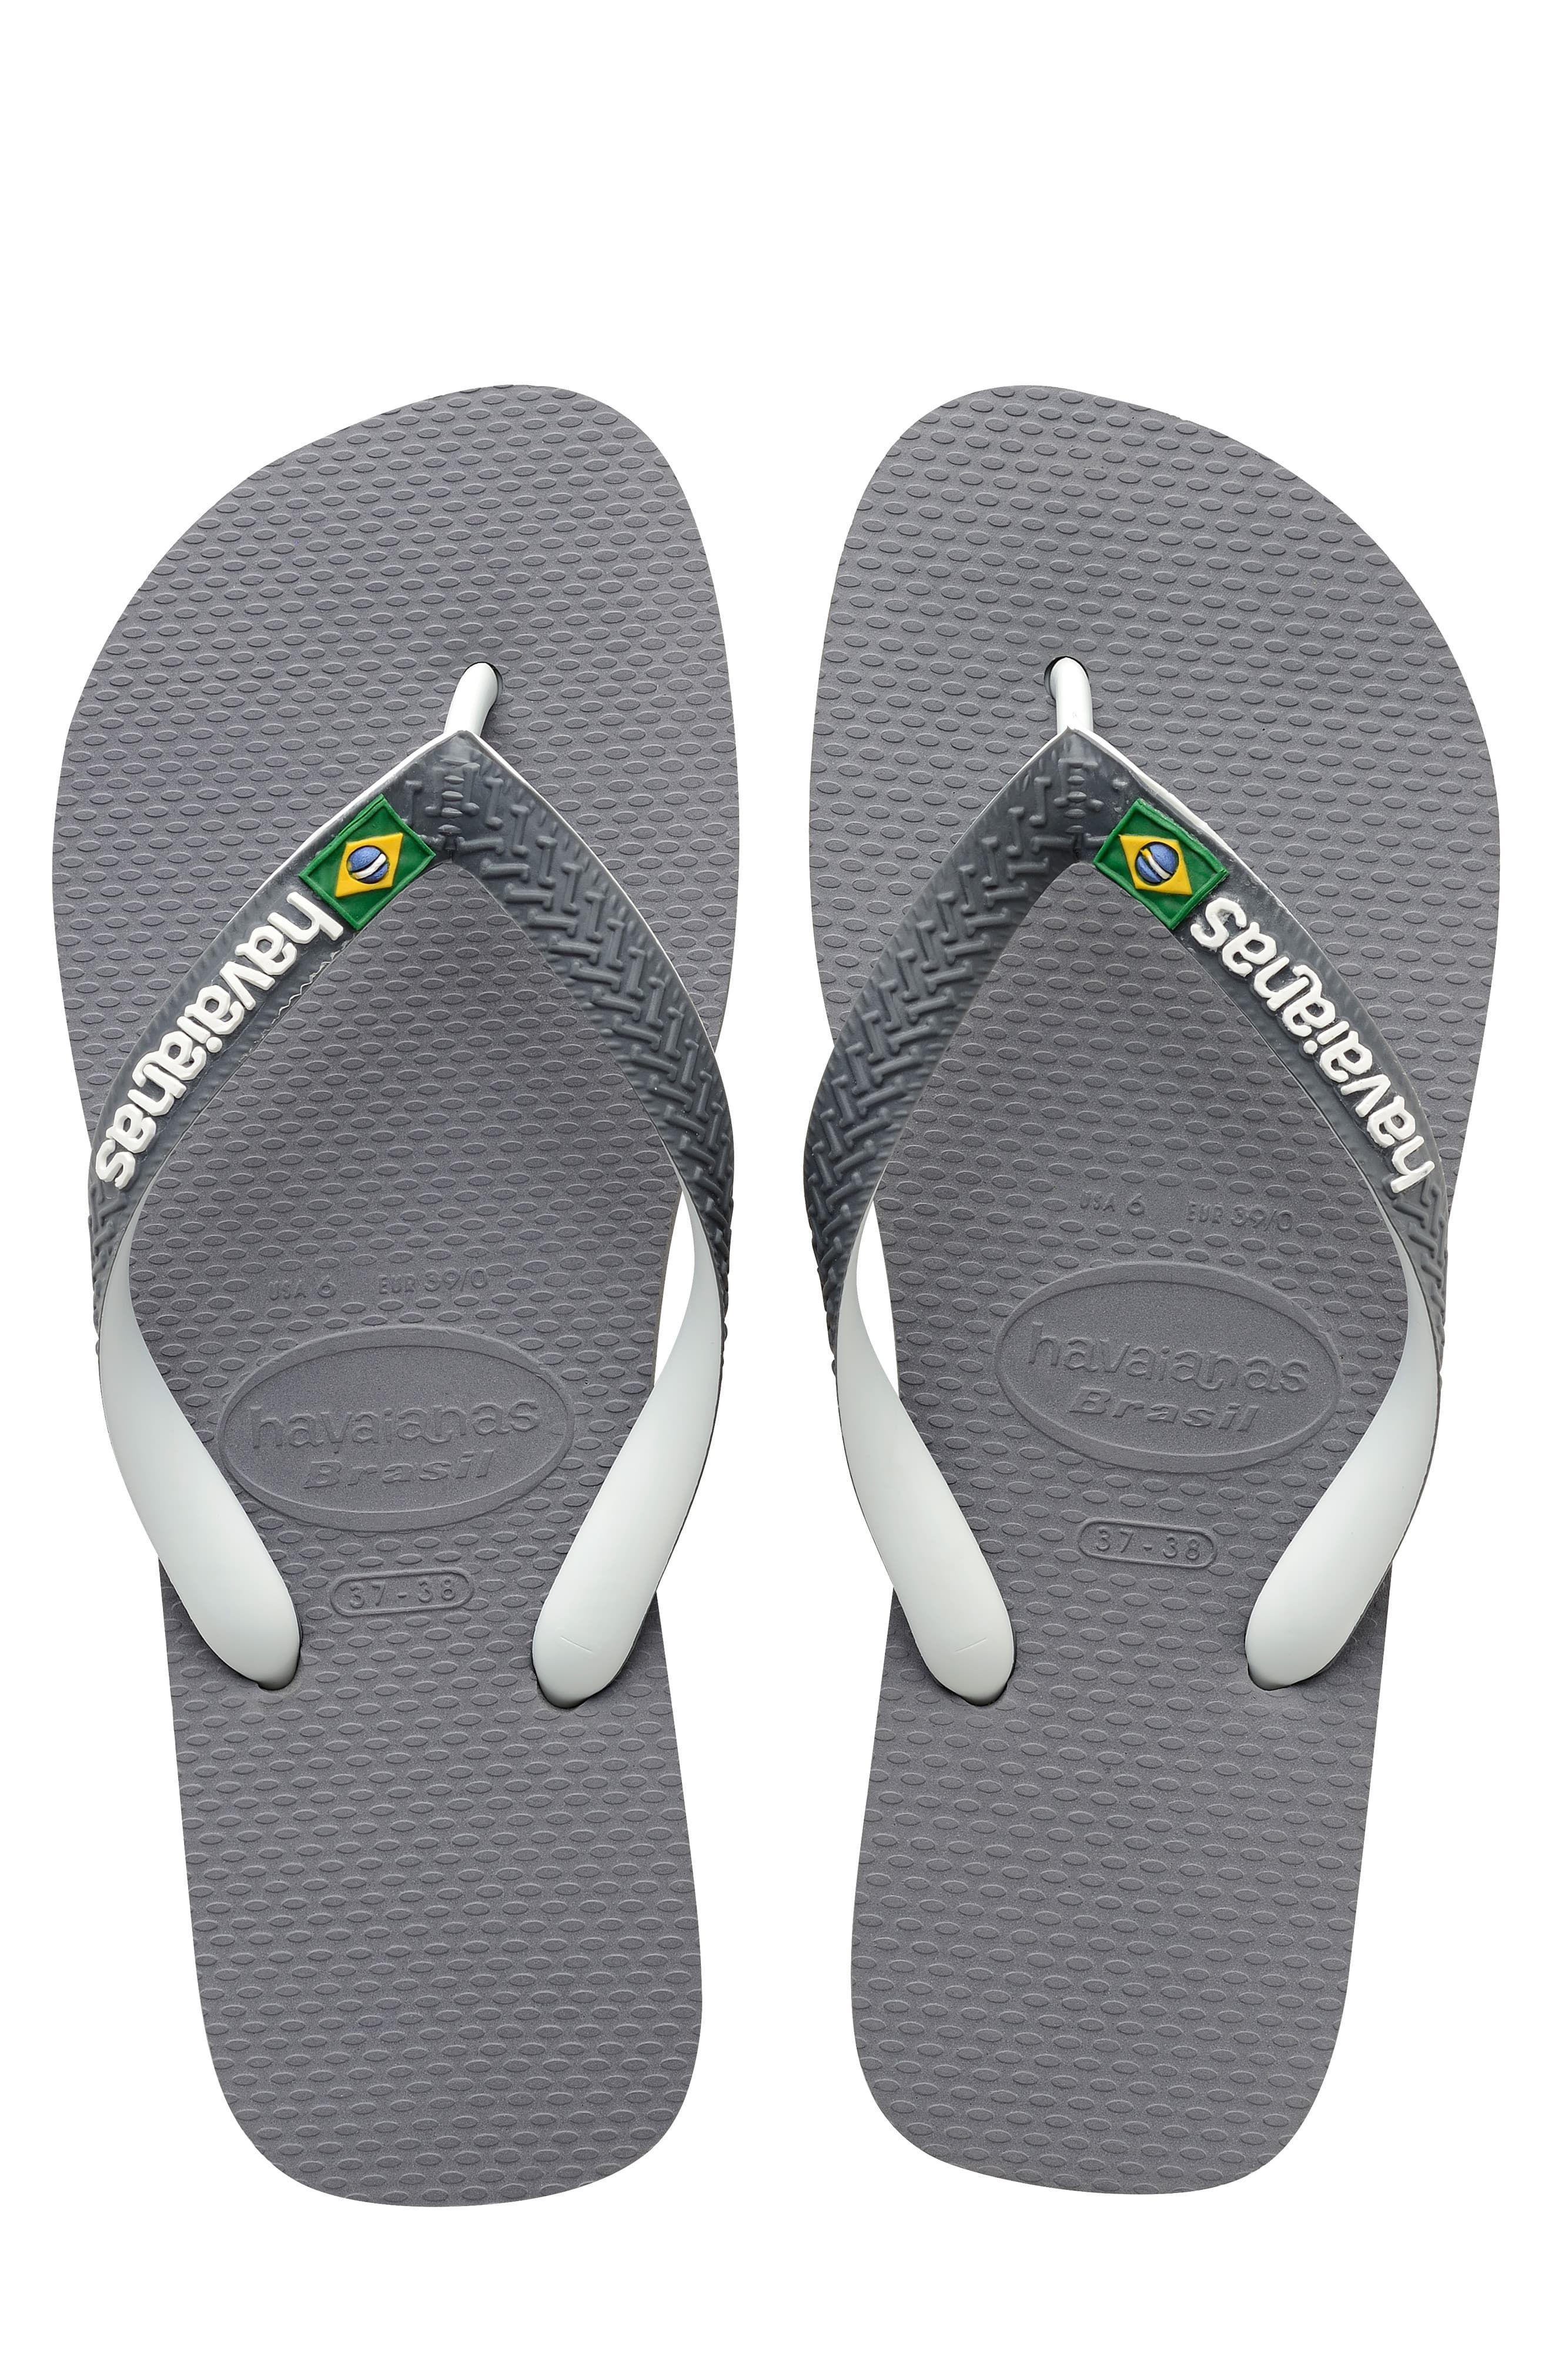 Men's Havaianas Brazil Mix Flip Flop